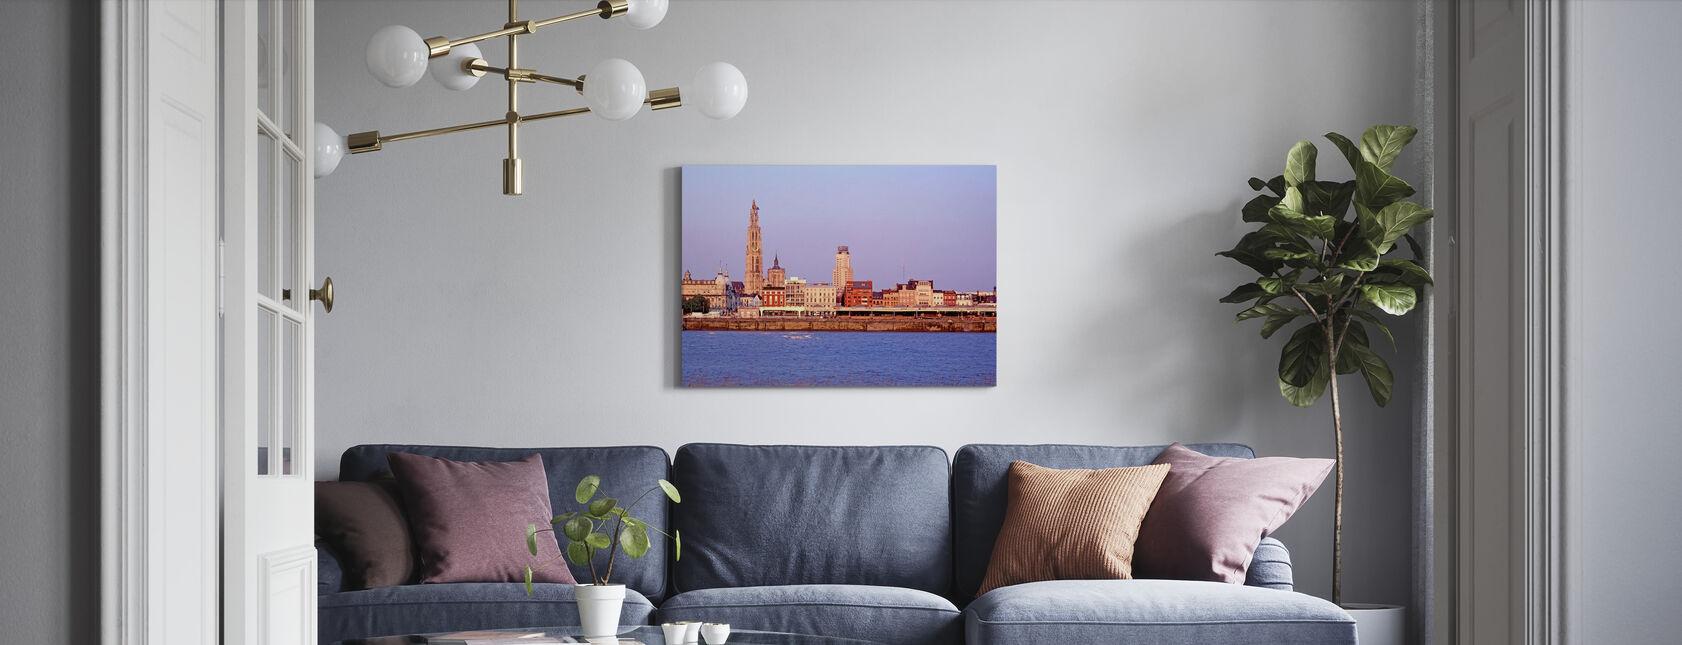 Antwerpen Skyline i Skumring - Lerretsbilde - Stue